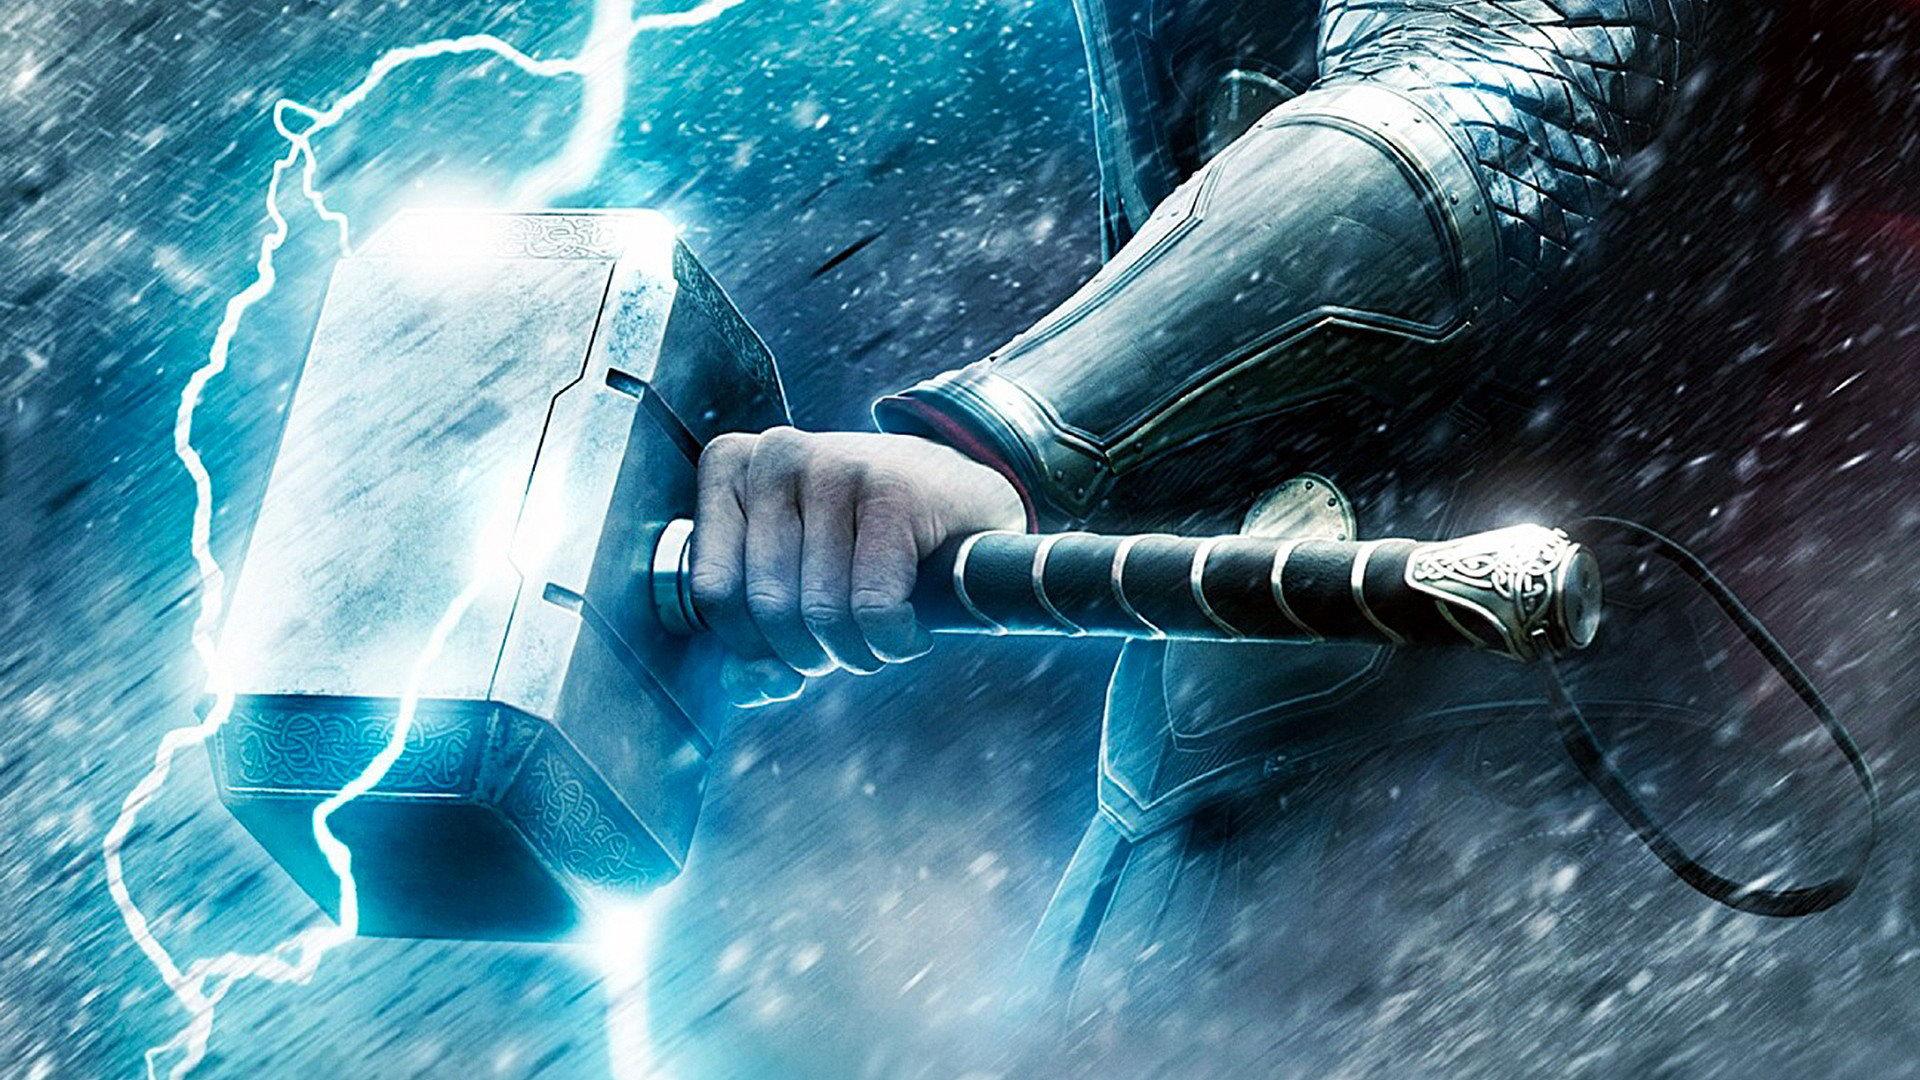 Por qué nadie puede levantar el martillo de Thor?